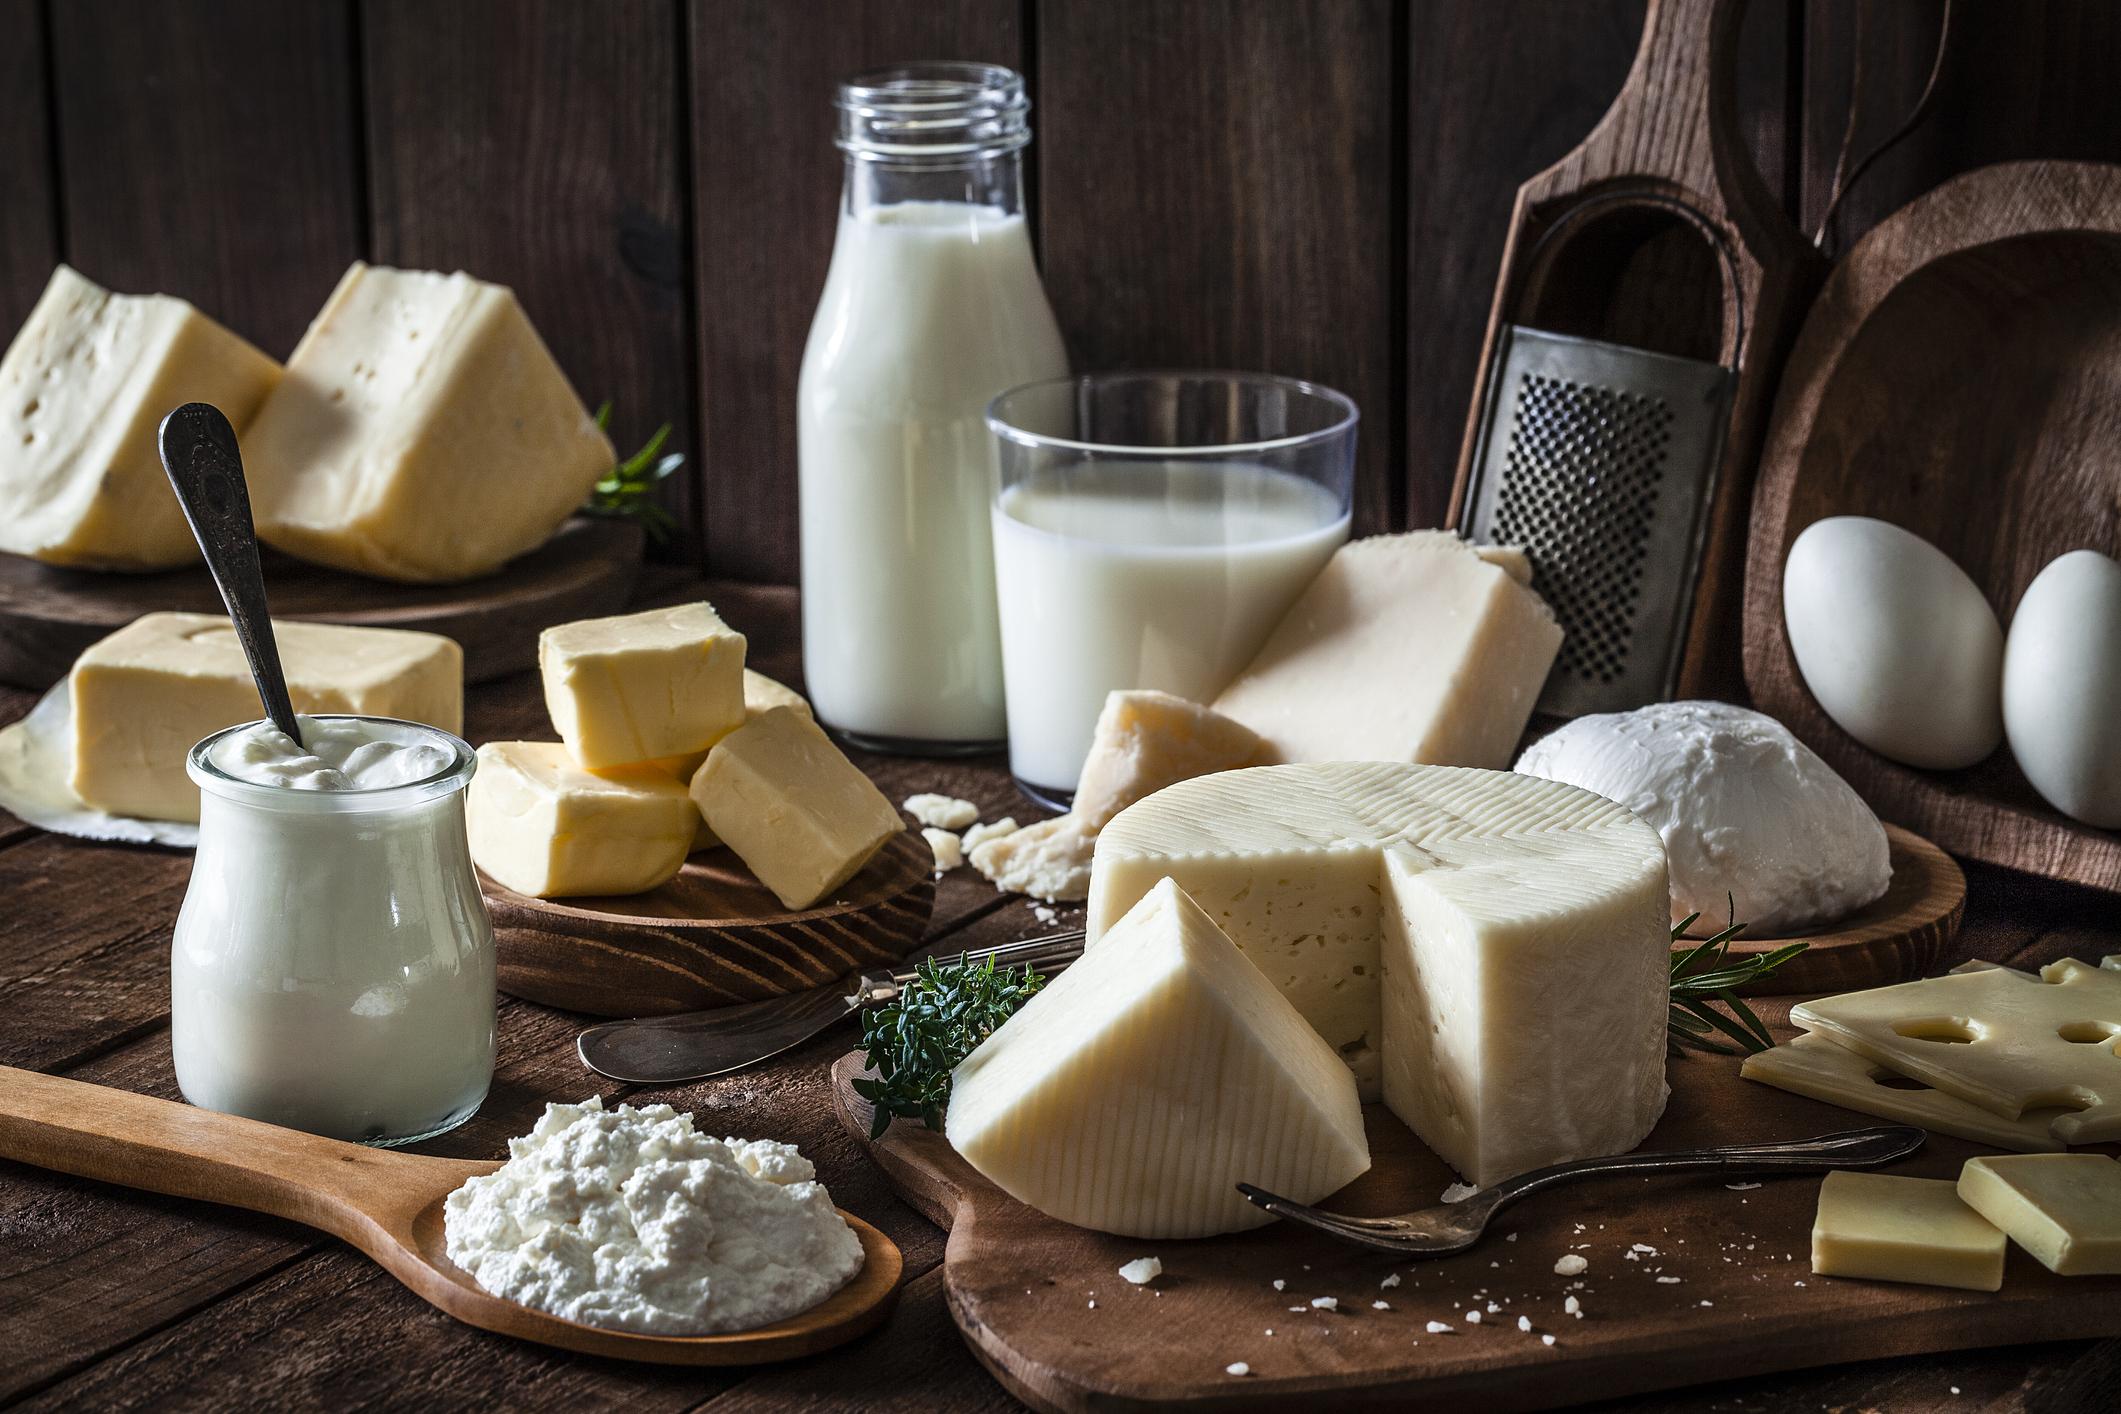 Употребление молочных жиров полезно для сердца: исследование.Вокруг Света. Украина